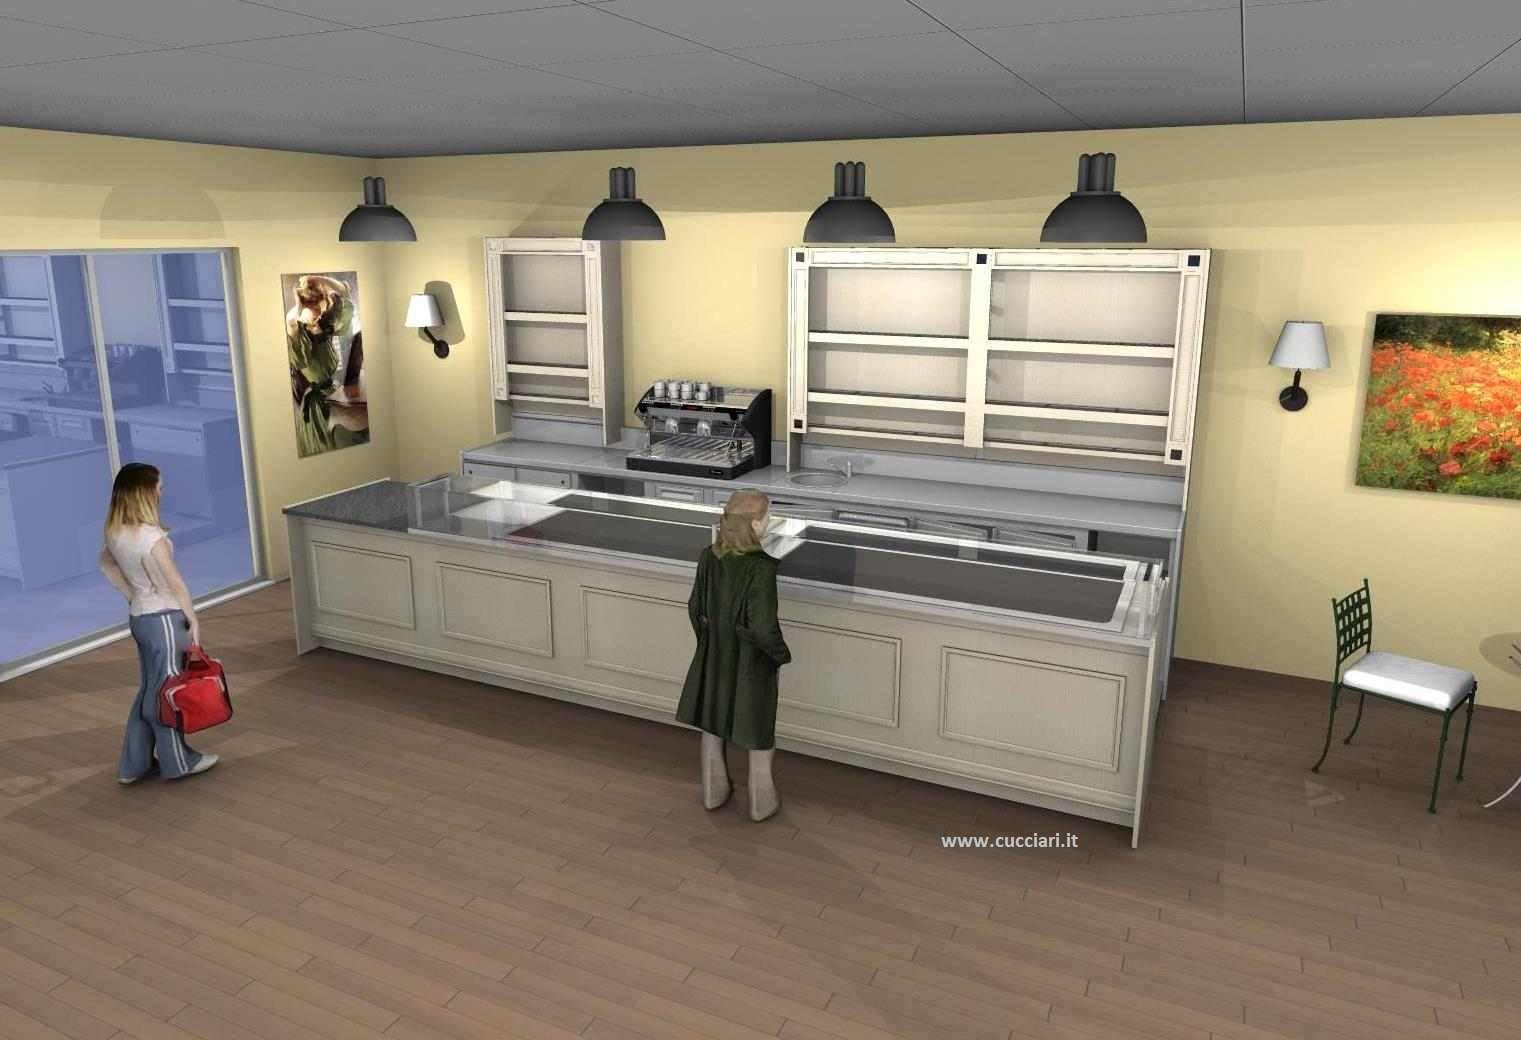 Arredamento pasticceria stile provenzale cucciari for Arredamento taverna stile provenzale